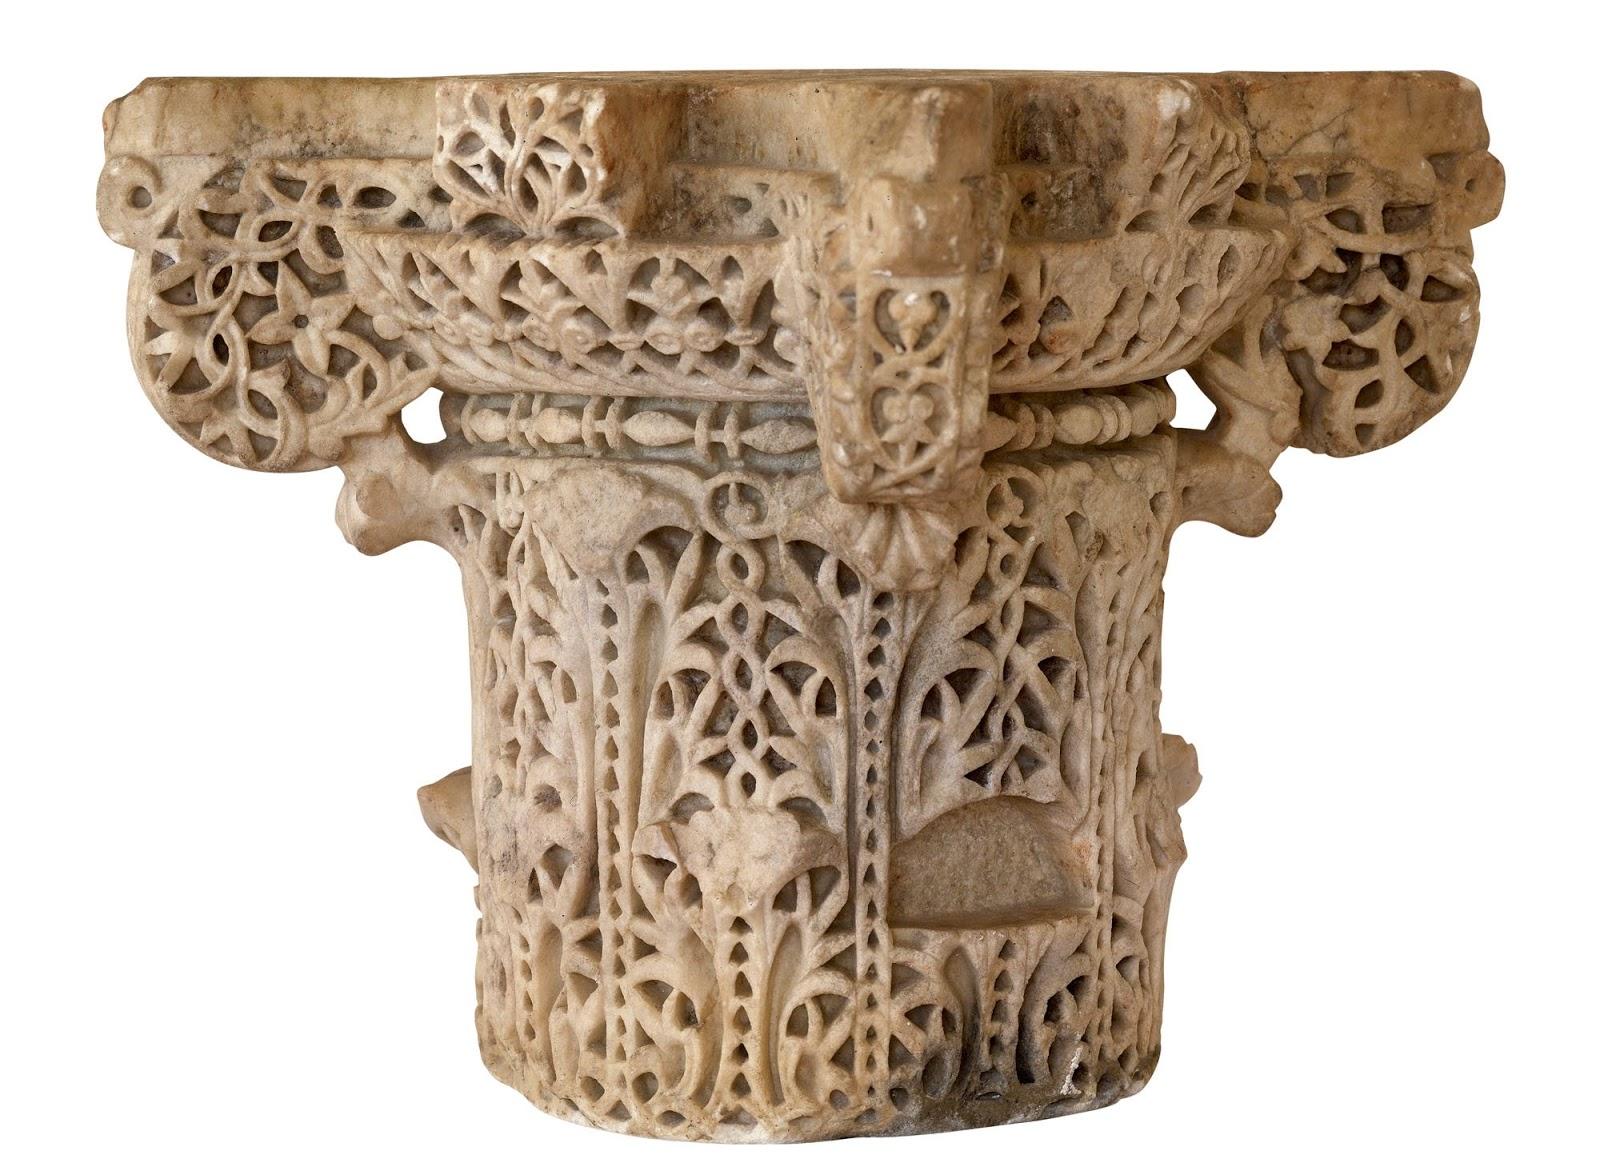 Araceli rego de lo humano a lo divino madinat al zahra y - Medina azahara decoracion ...